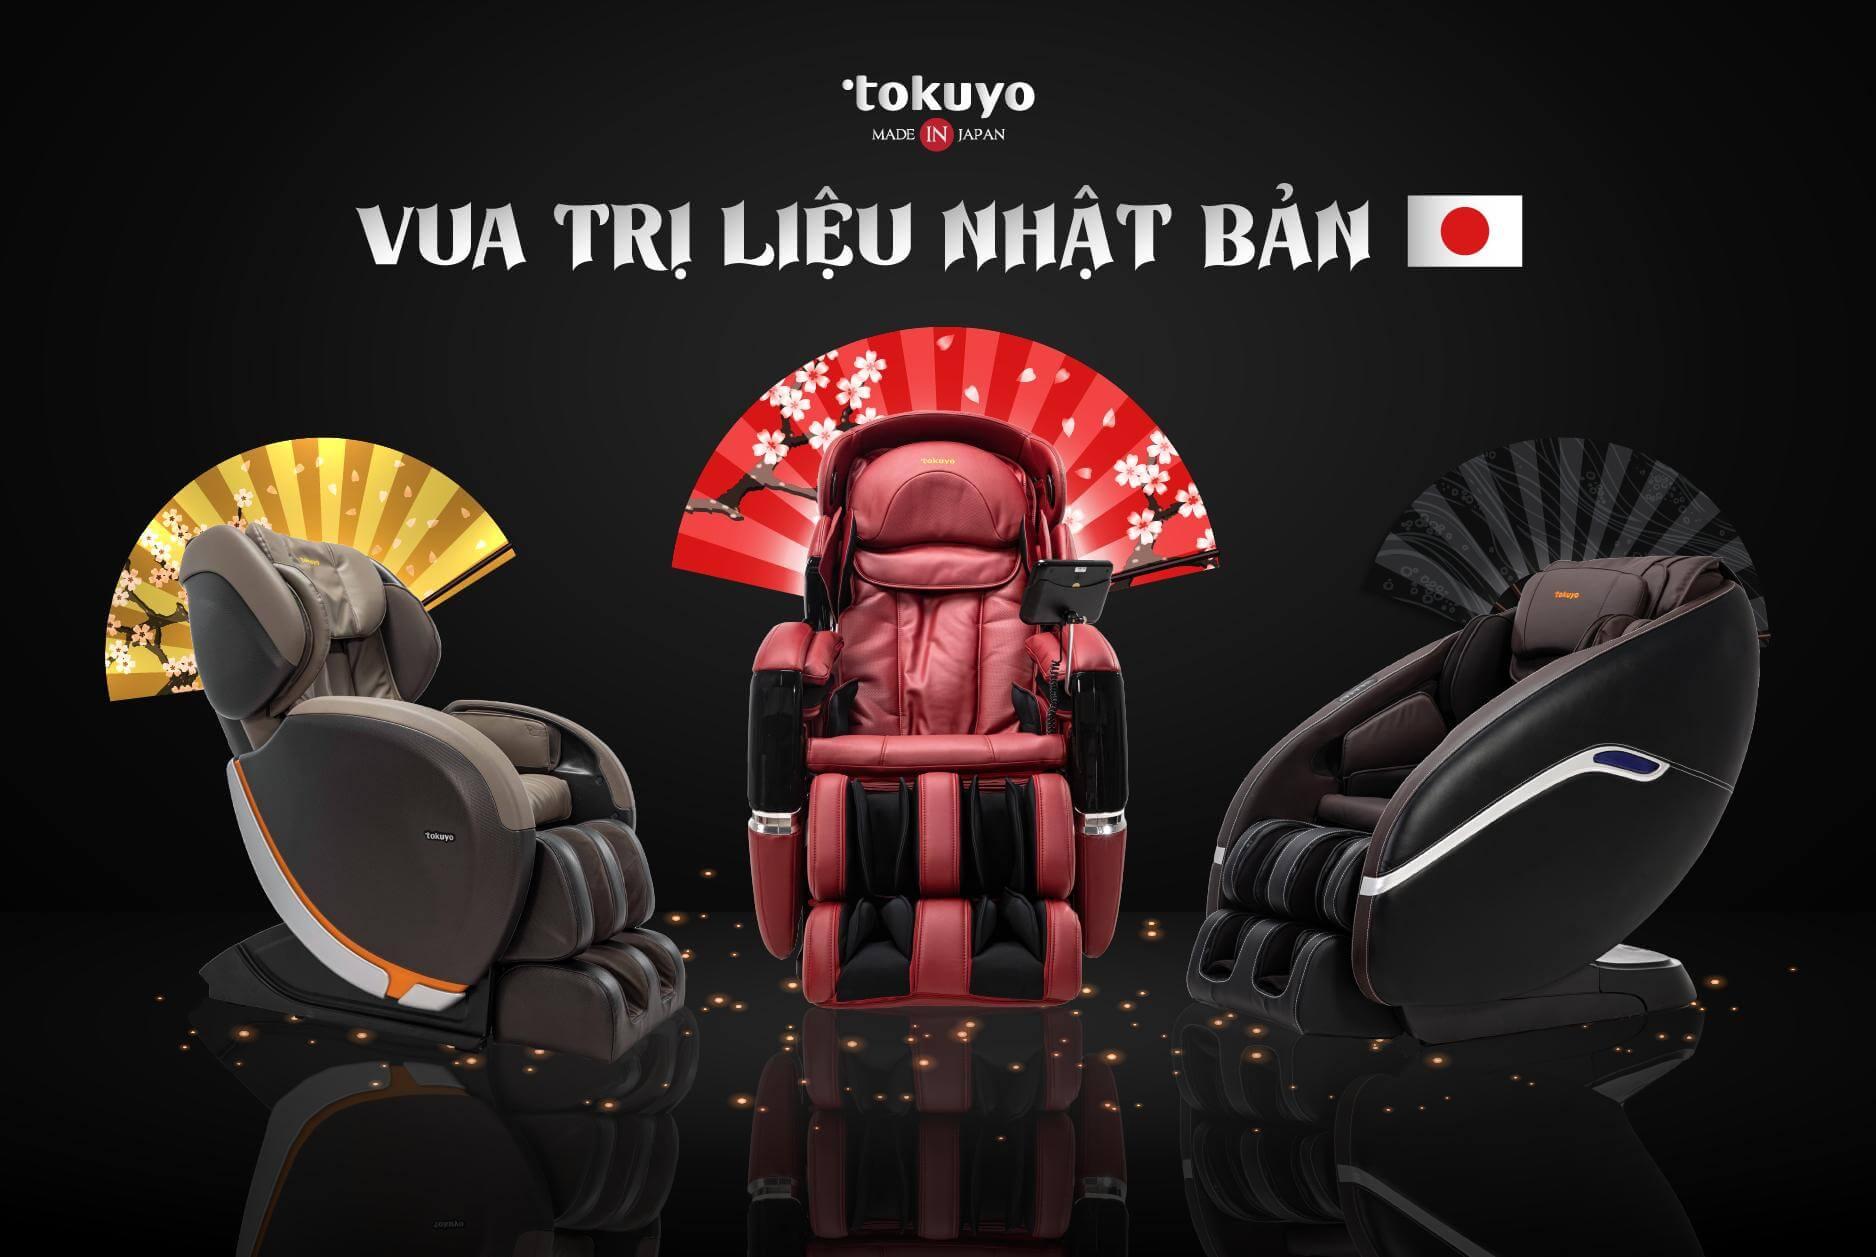 Nên mua ghế massage toàn thân loại nào tốt nhất hiện nay?